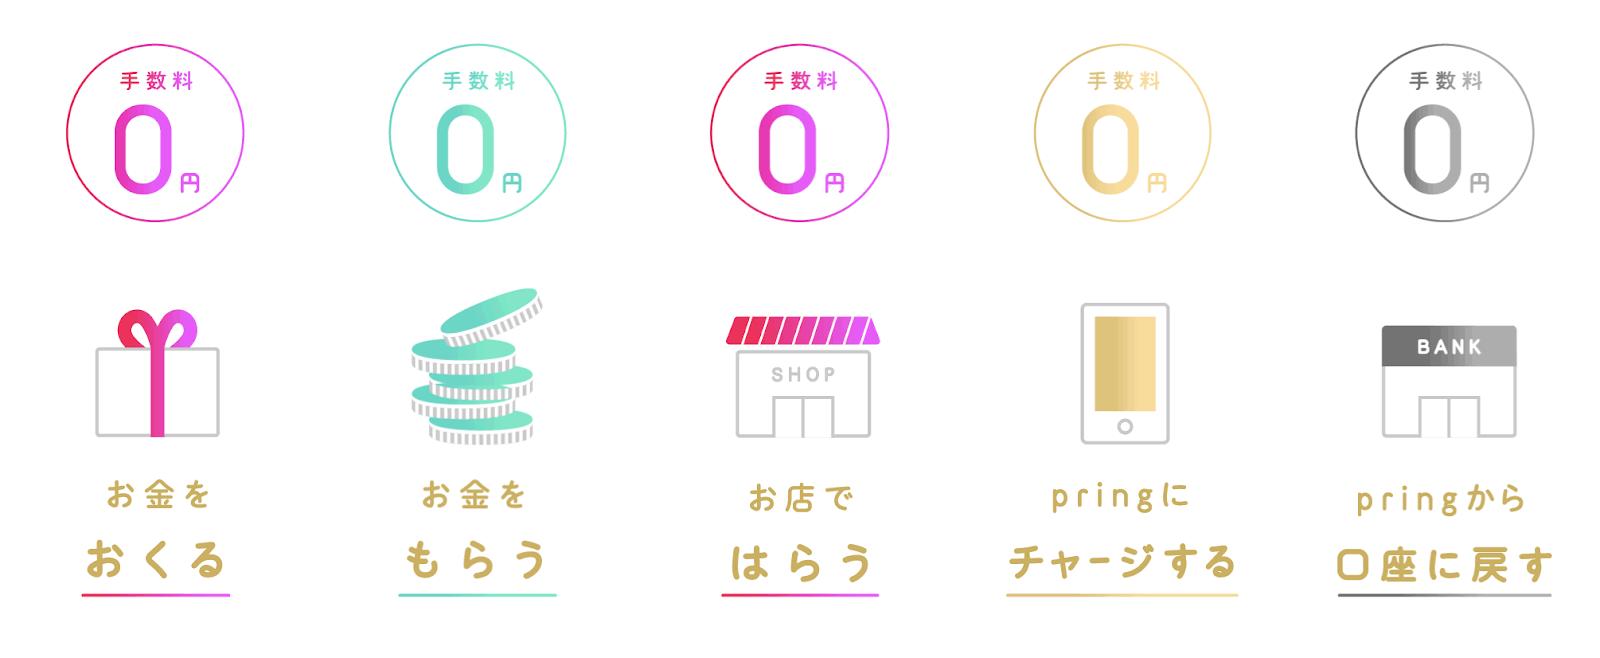 Pring1